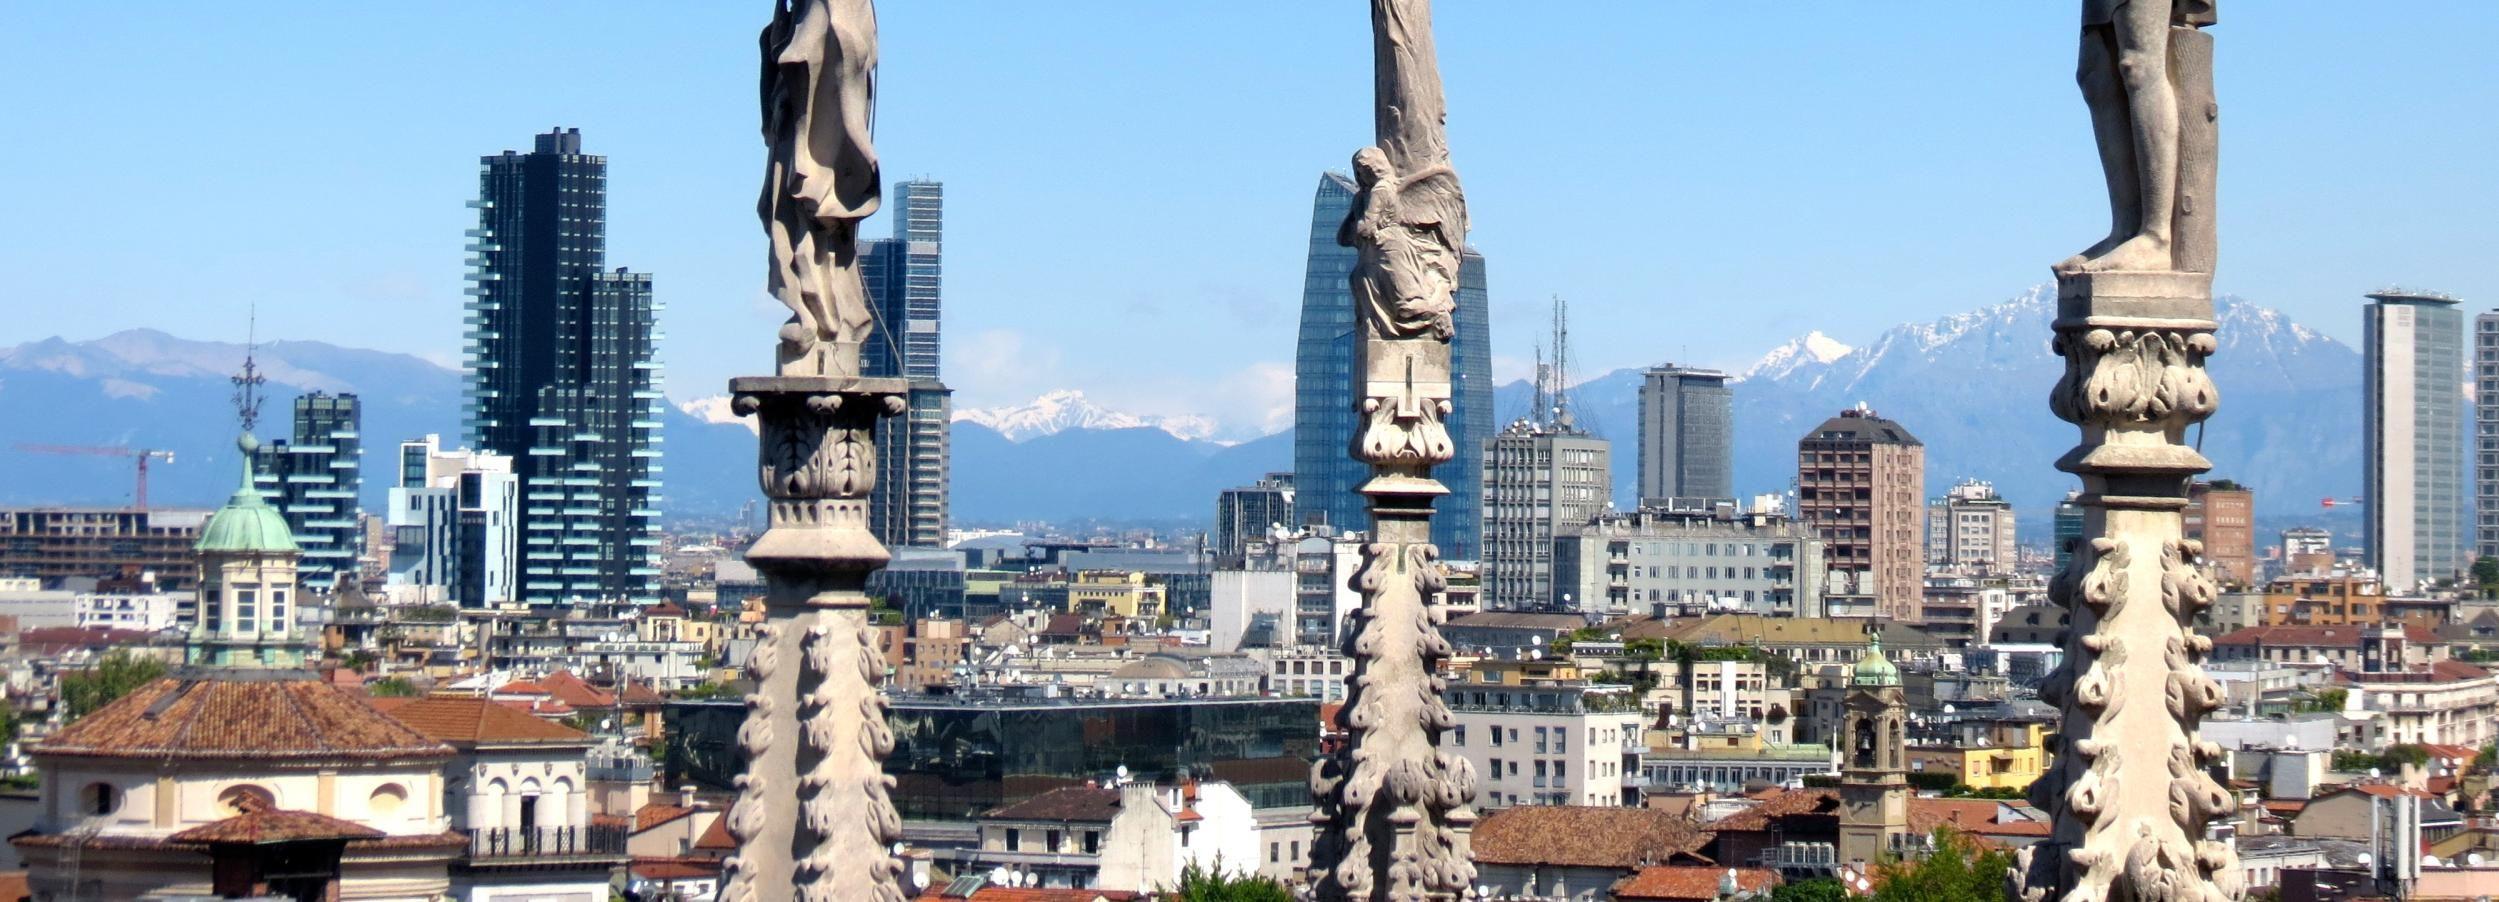 Milán: tour del Duomo y sus terrazas sin colas